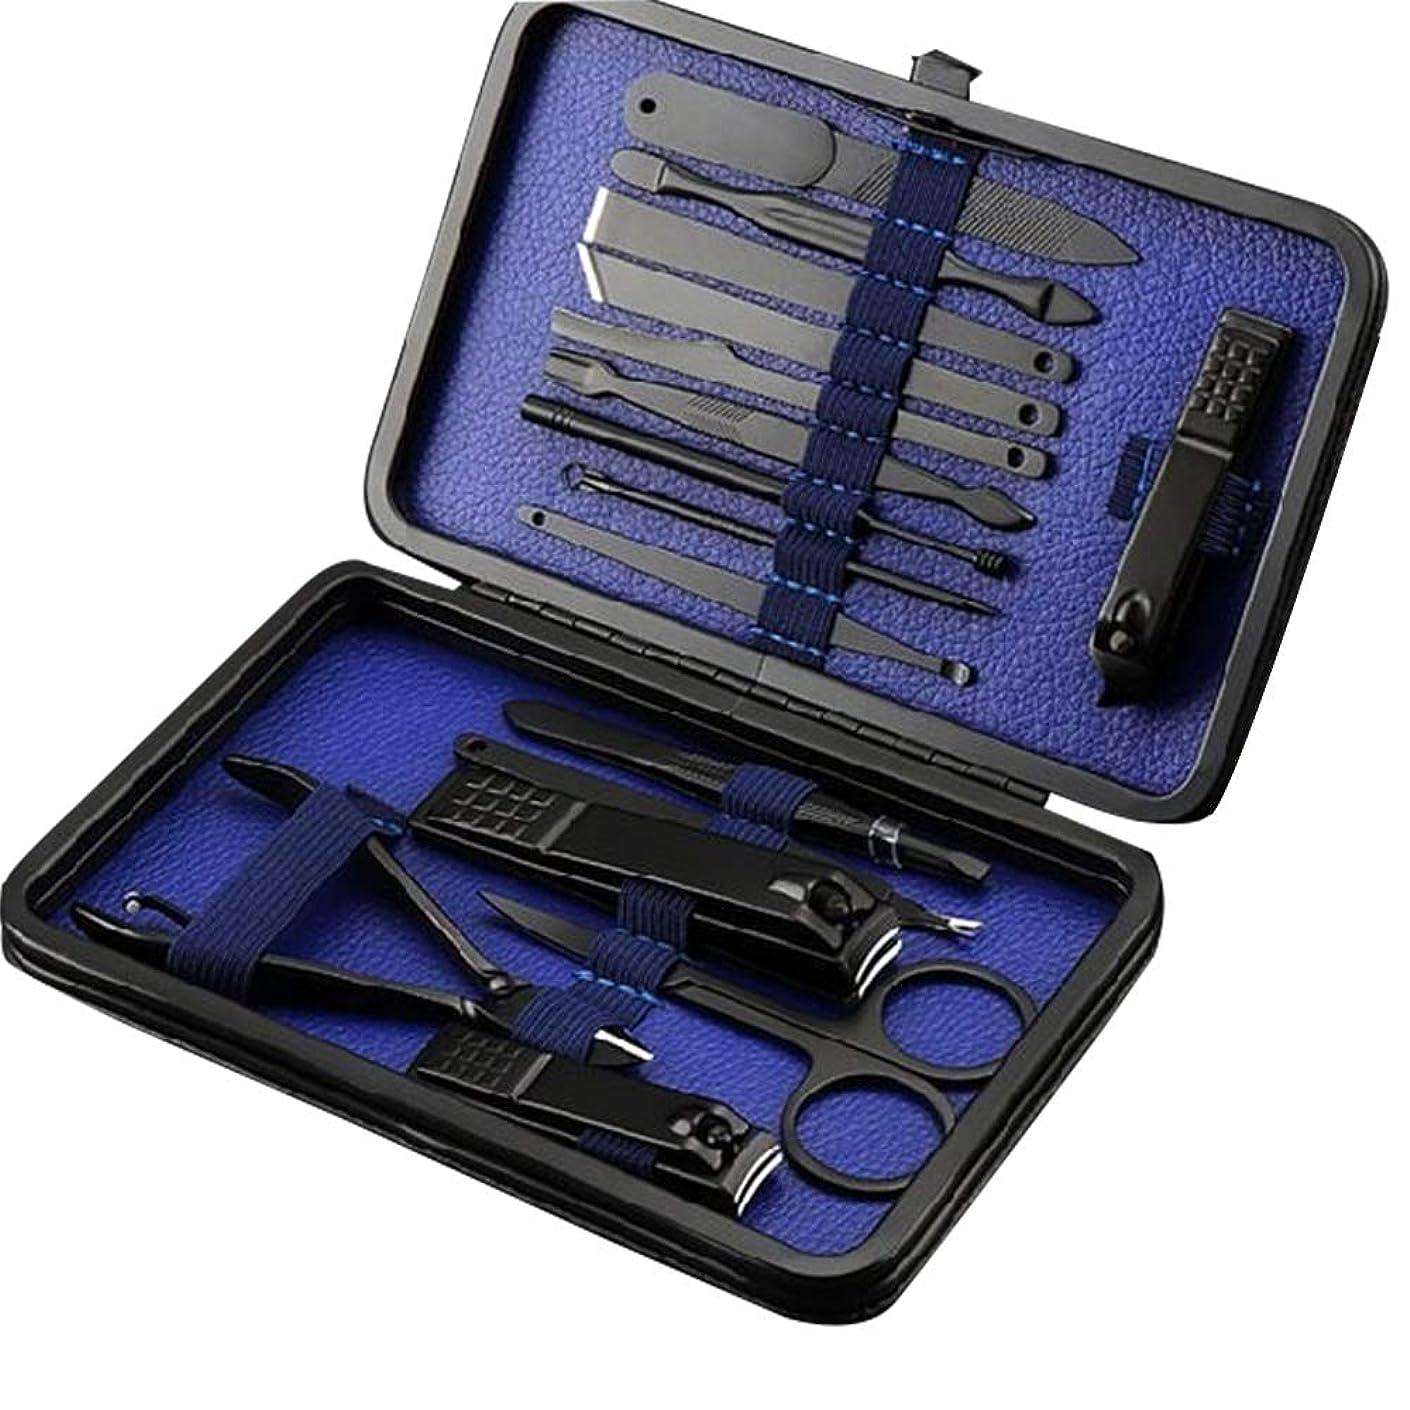 更新するインク締めるBOZEVON ネイルケア16点セット - 多機能爪切りセットつめきり手足爪磨き甘皮処理, ブルー